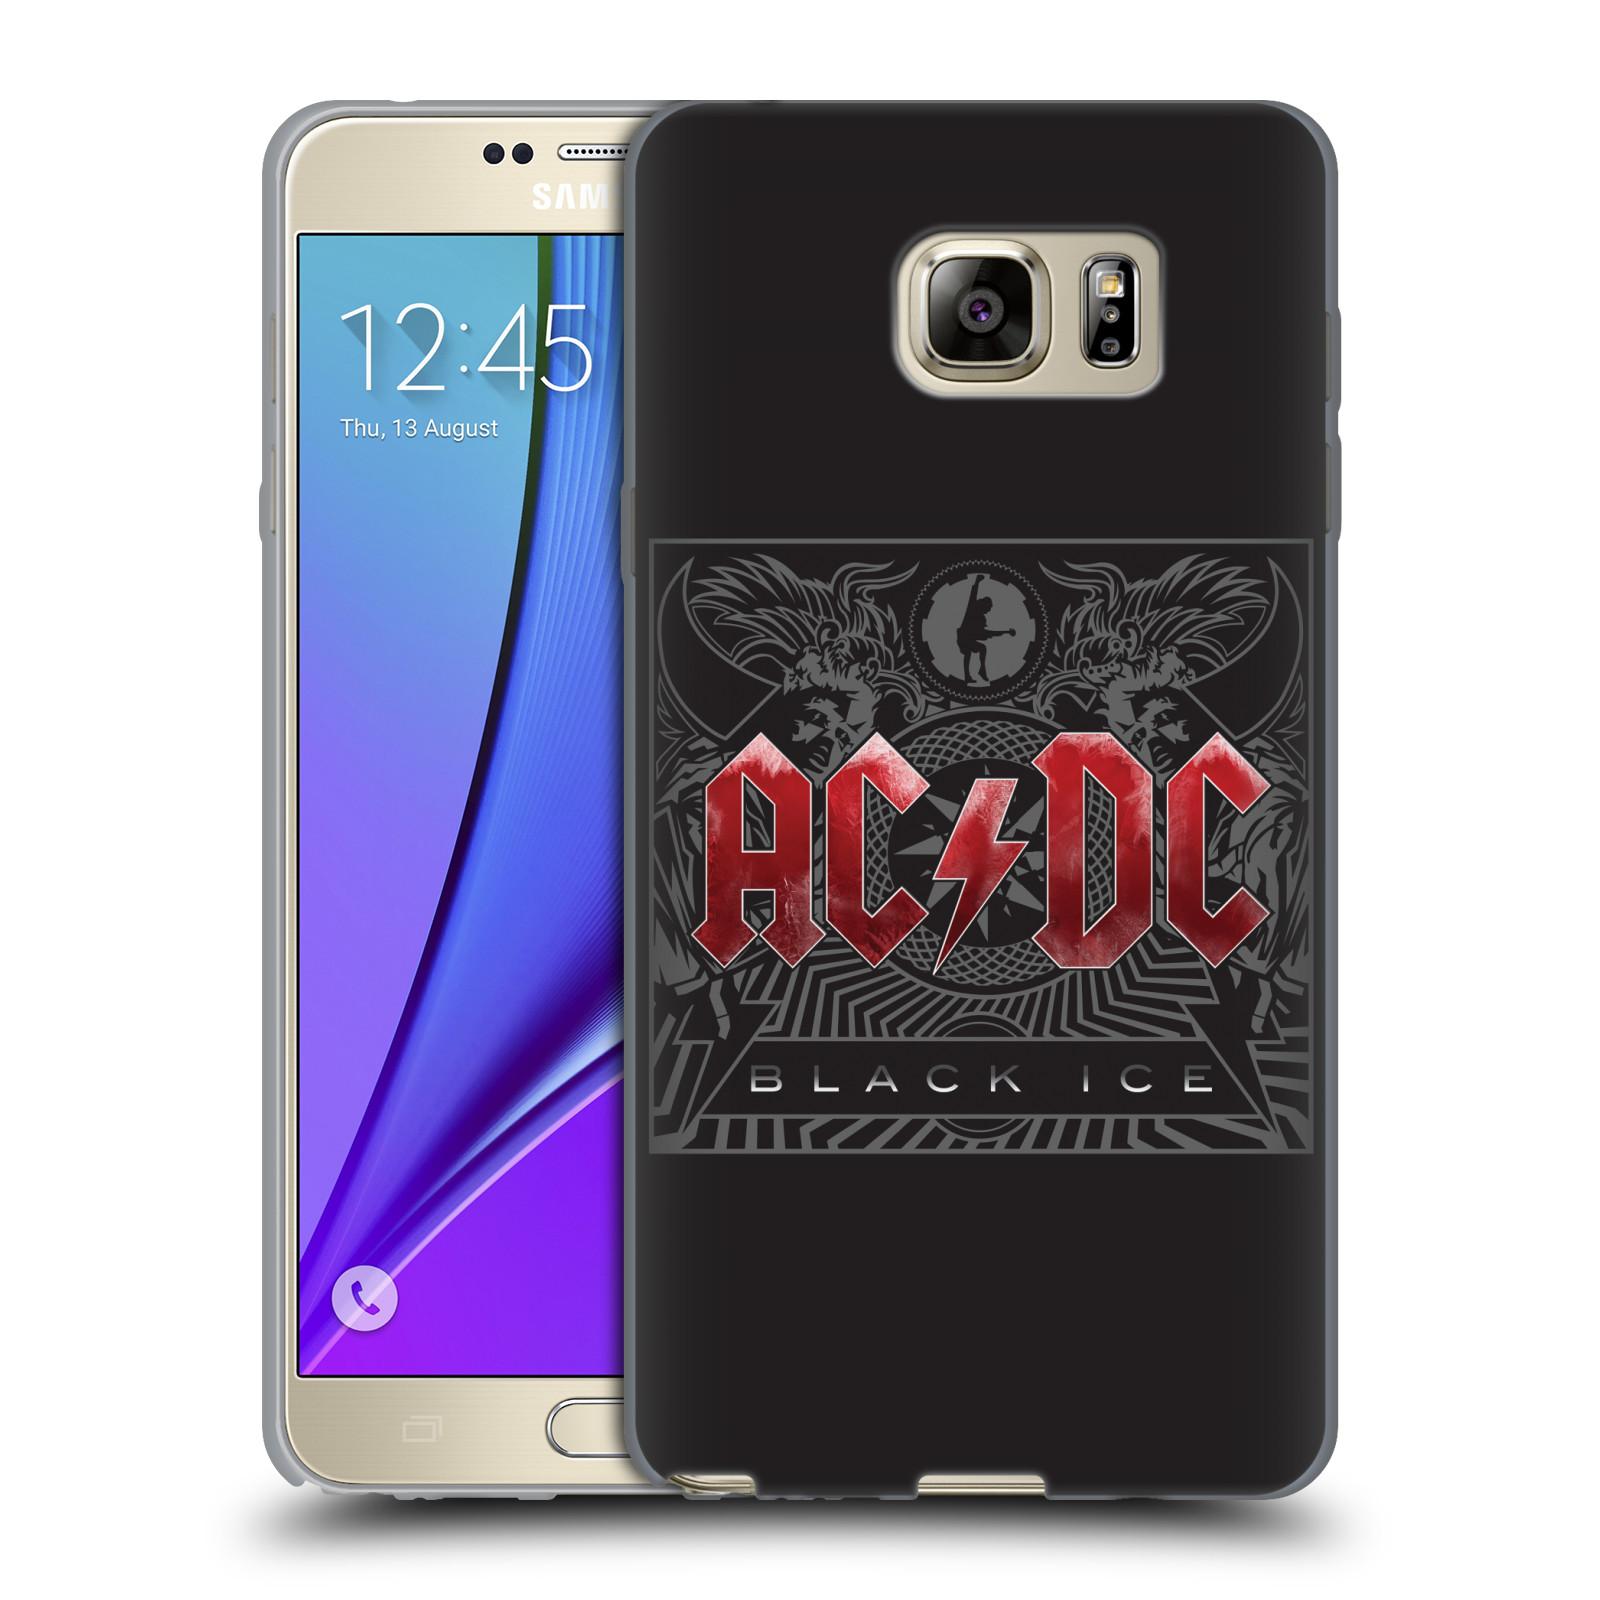 Silikonové pouzdro na mobil Samsung Galaxy Note 5 HEAD CASE AC/DC Black Ice (Silikonový kryt či obal na mobilní telefon s oficiálním motivem australské skupiny AC/DC pro Samsung Galaxy Note 5 SM-N920)